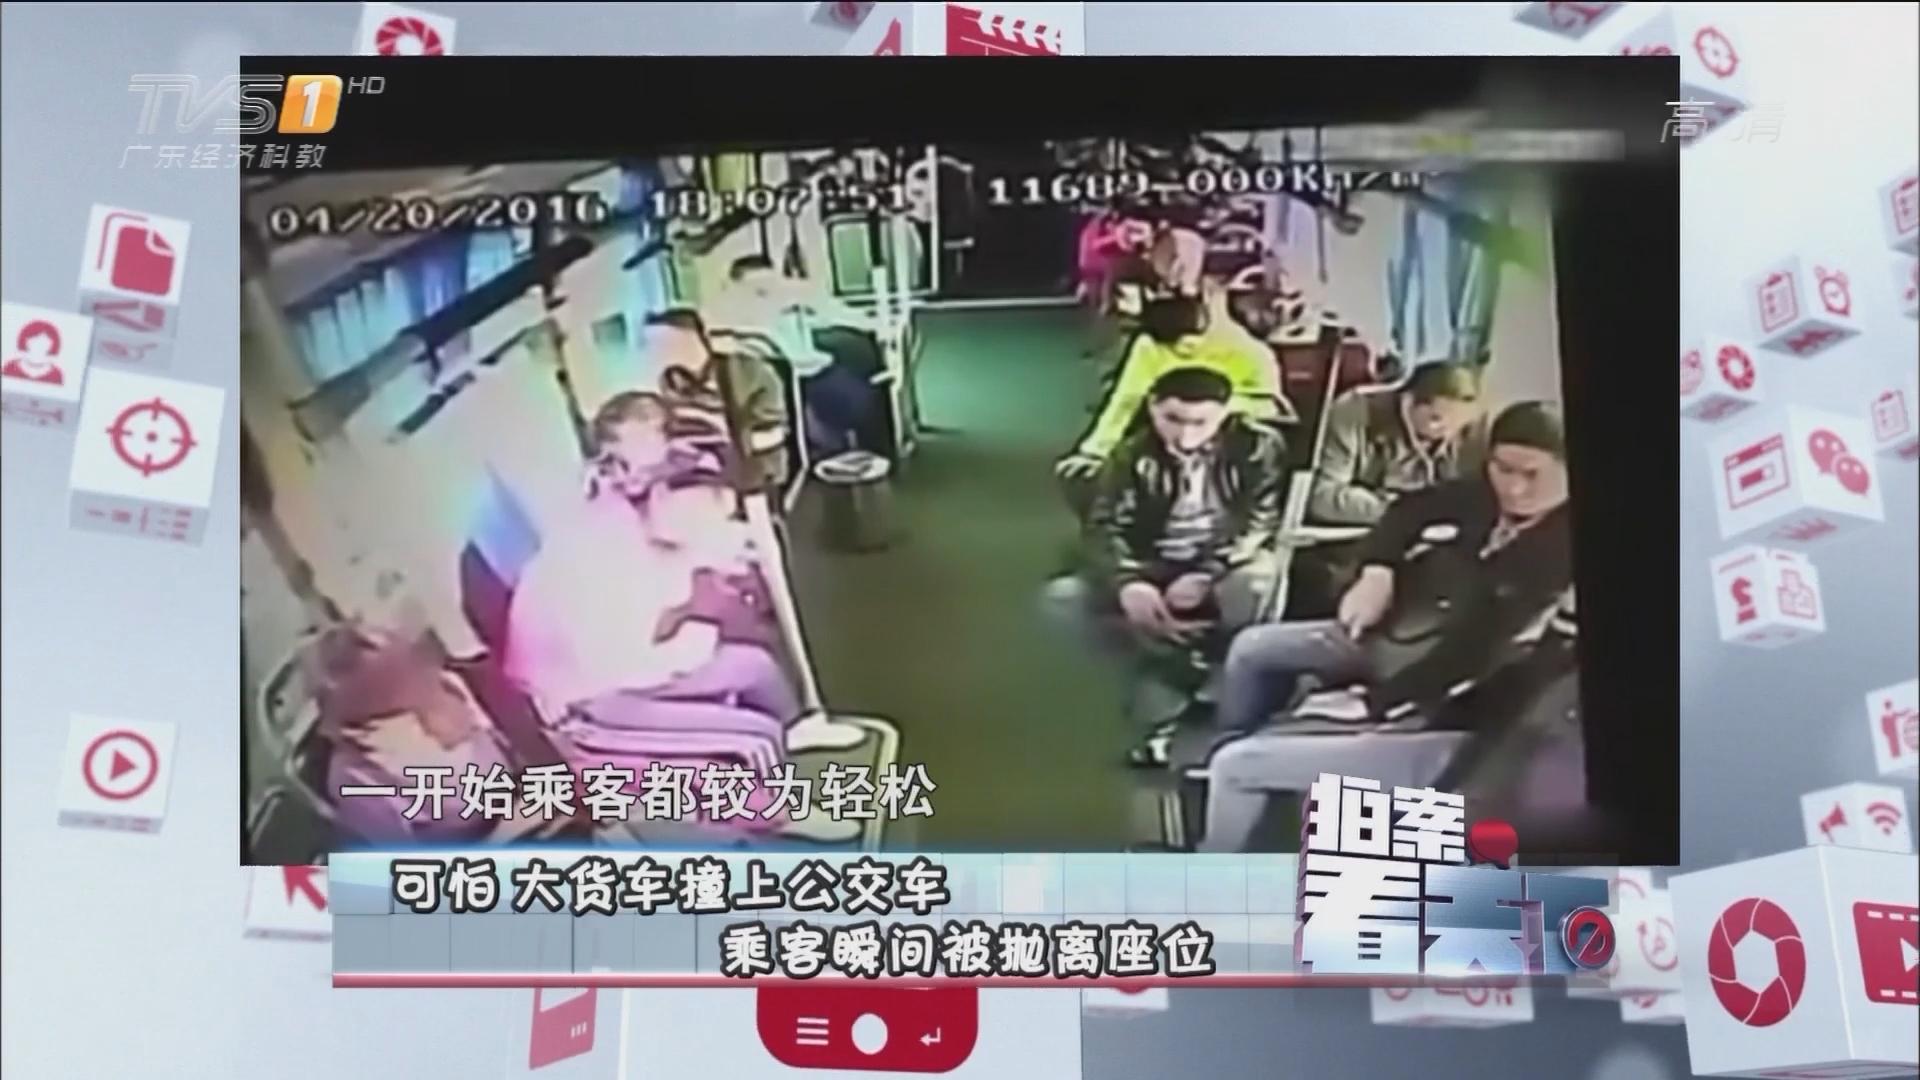 可怕 大货车撞上公交车 乘客瞬间被抛离座位